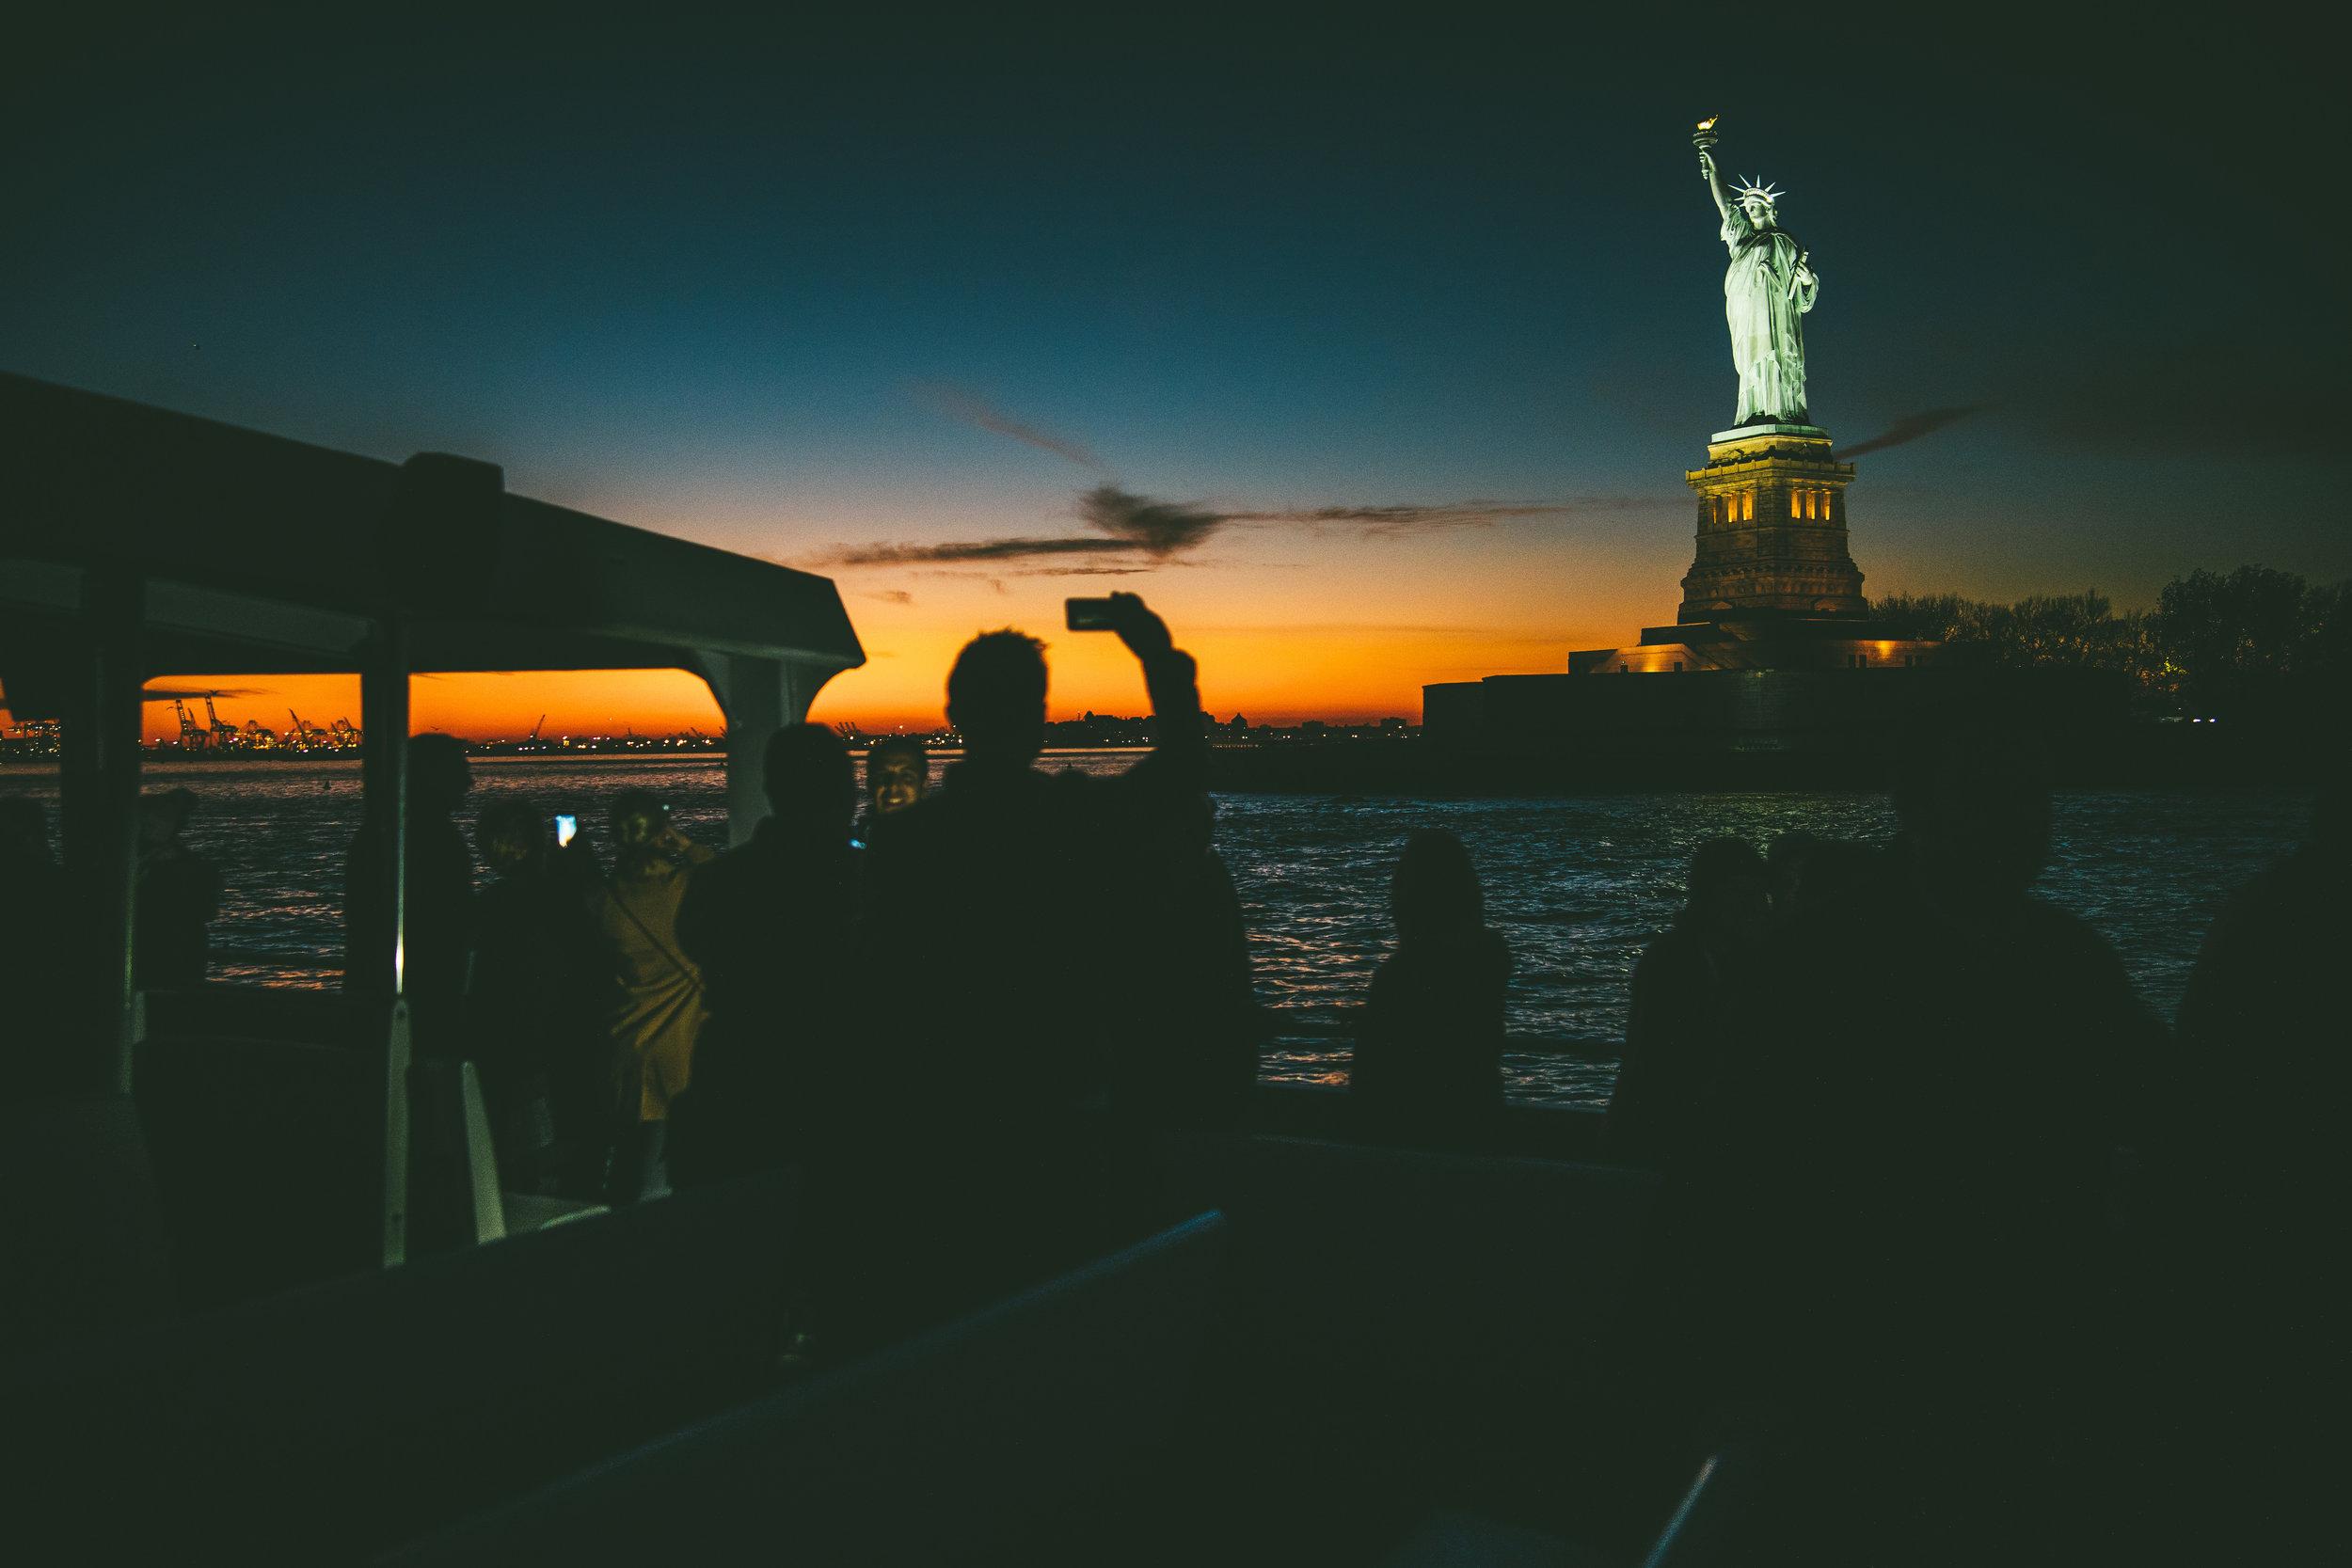 newyork-07295.jpg